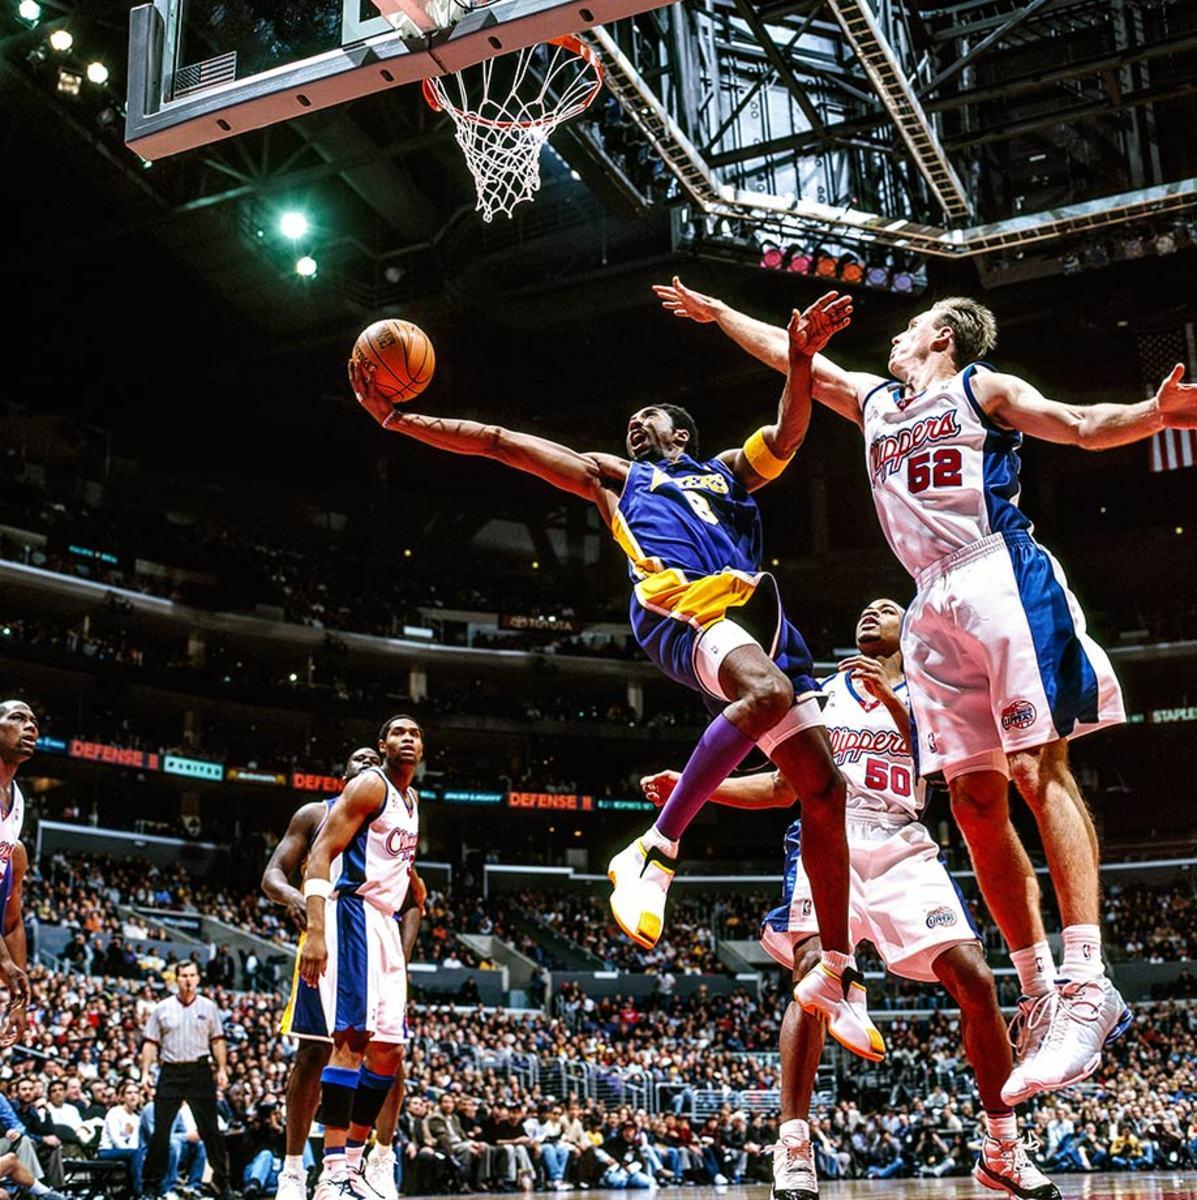 2002-0204-Kobe-Bryant-Chris-Kaman-079117367.jpg